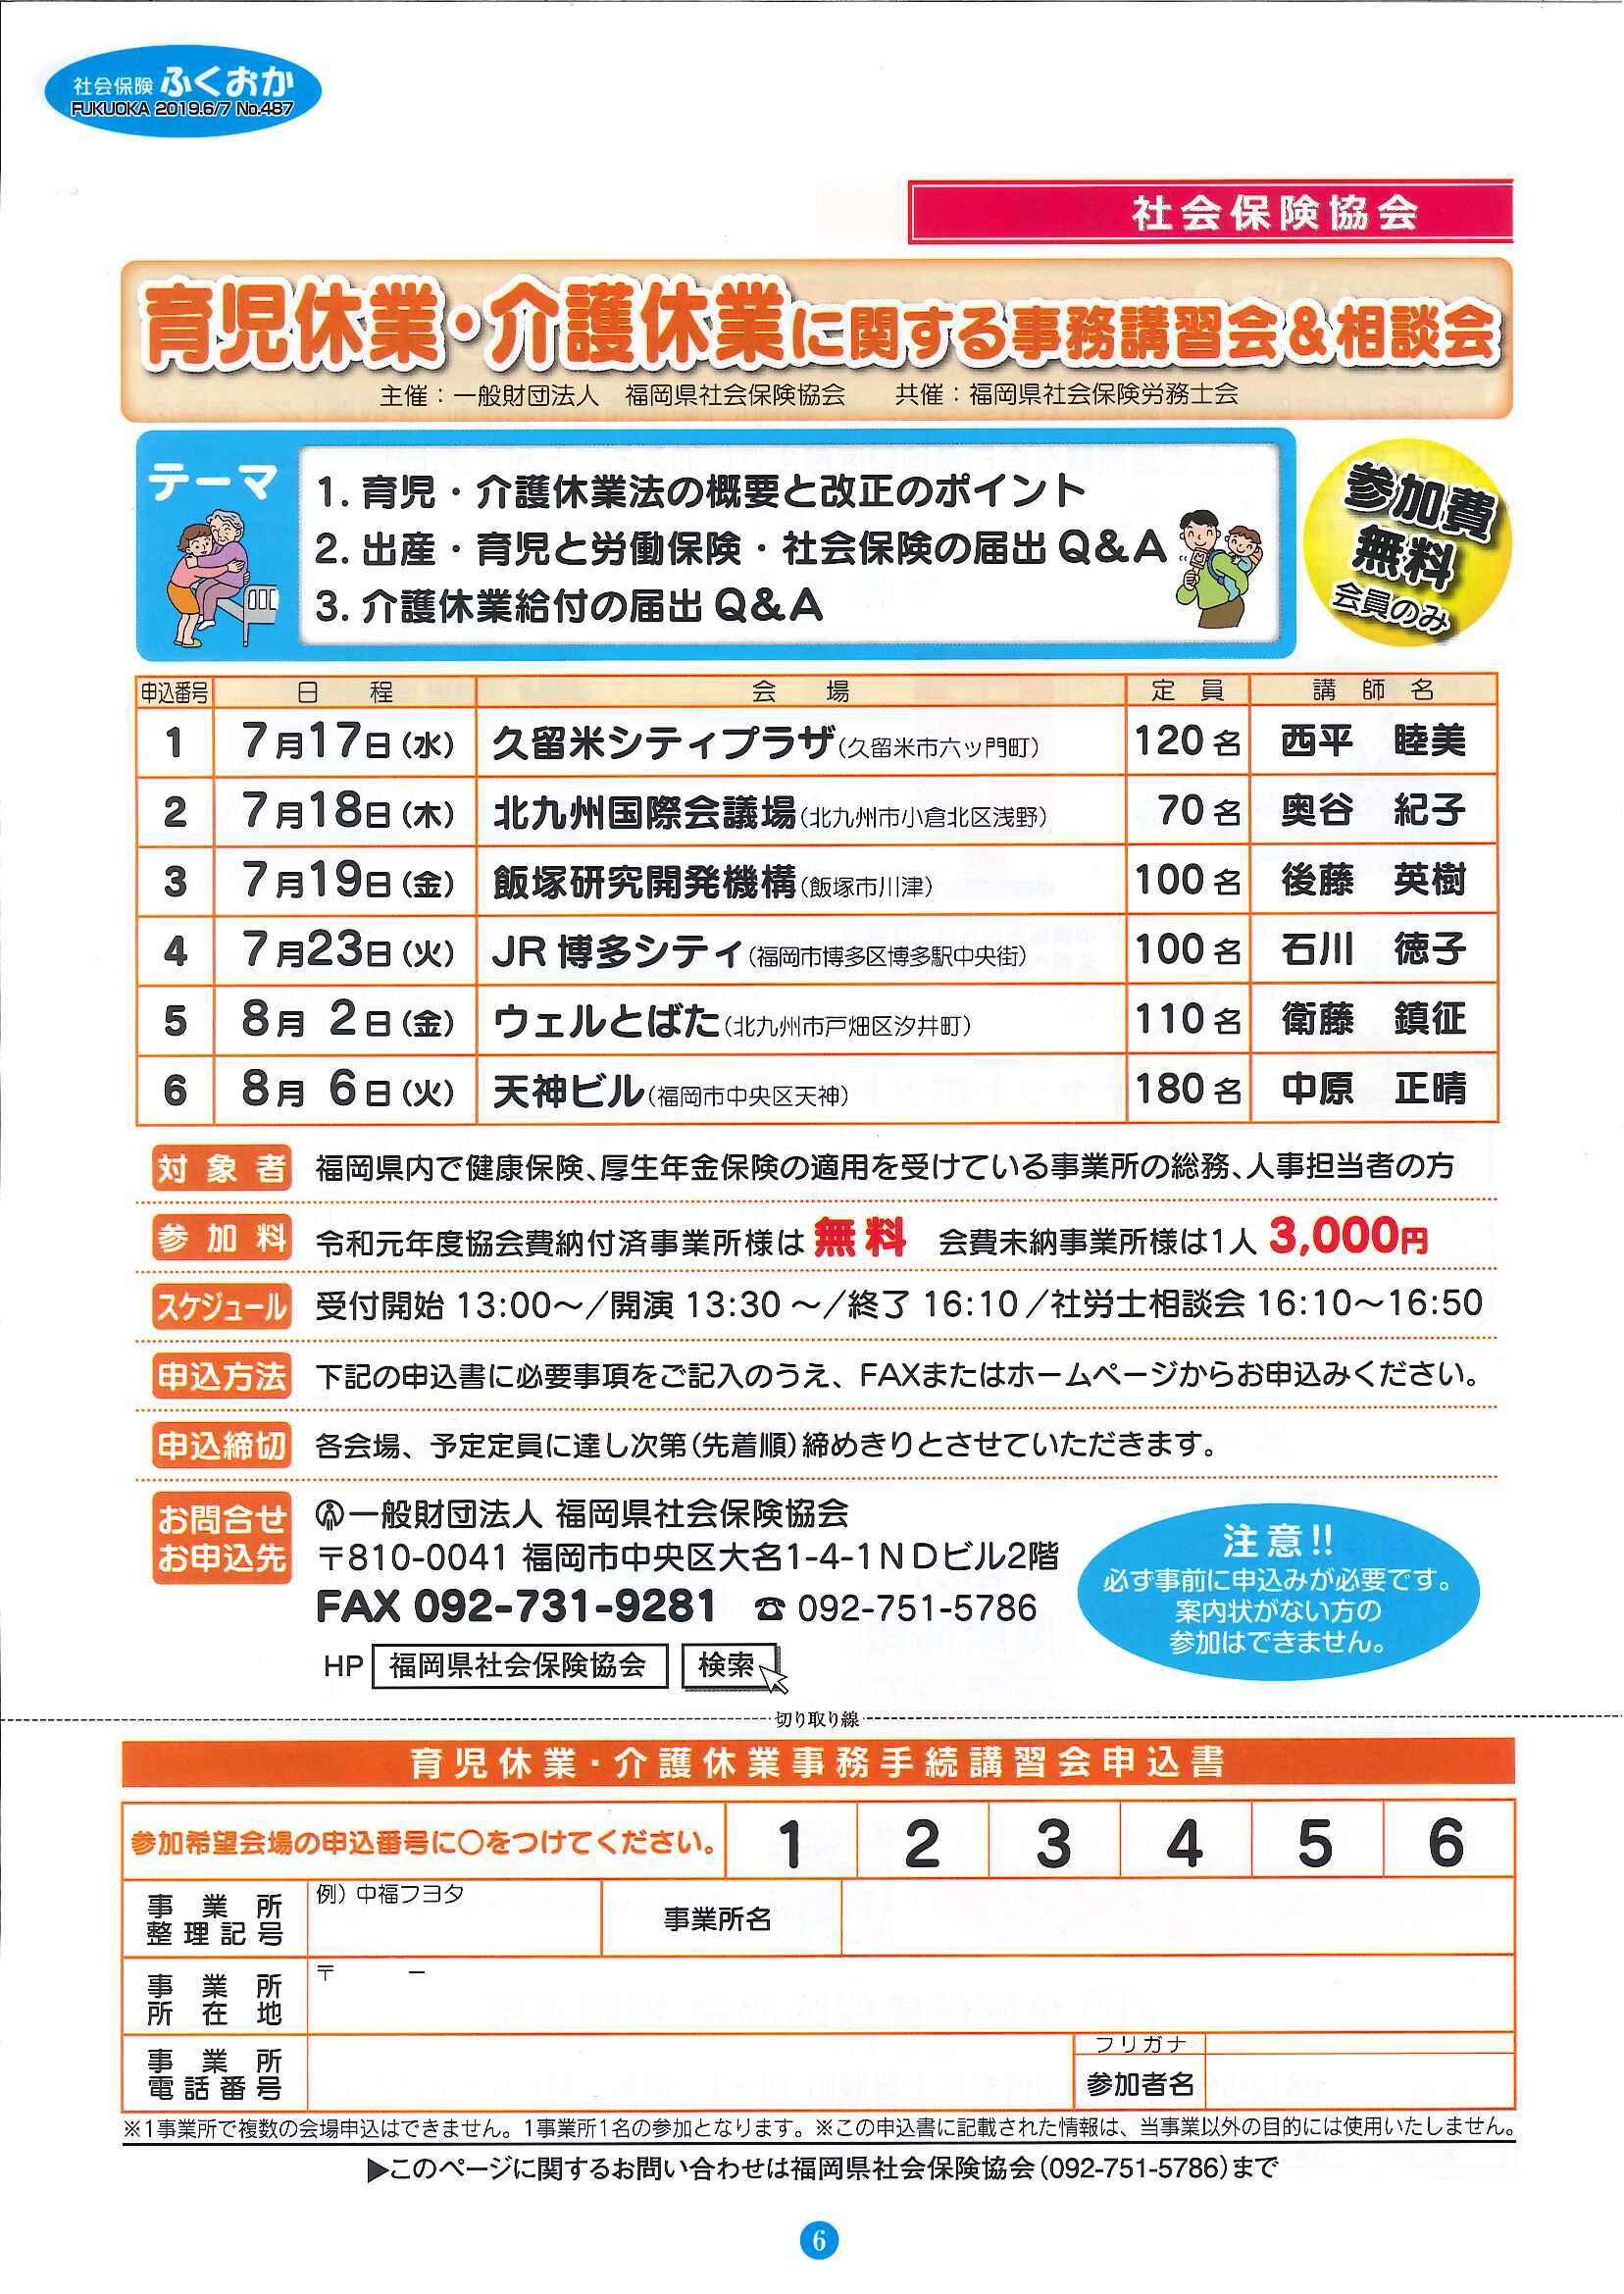 社会保険「ふくおか」2019年6・7月号_f0120774_11201628.jpg